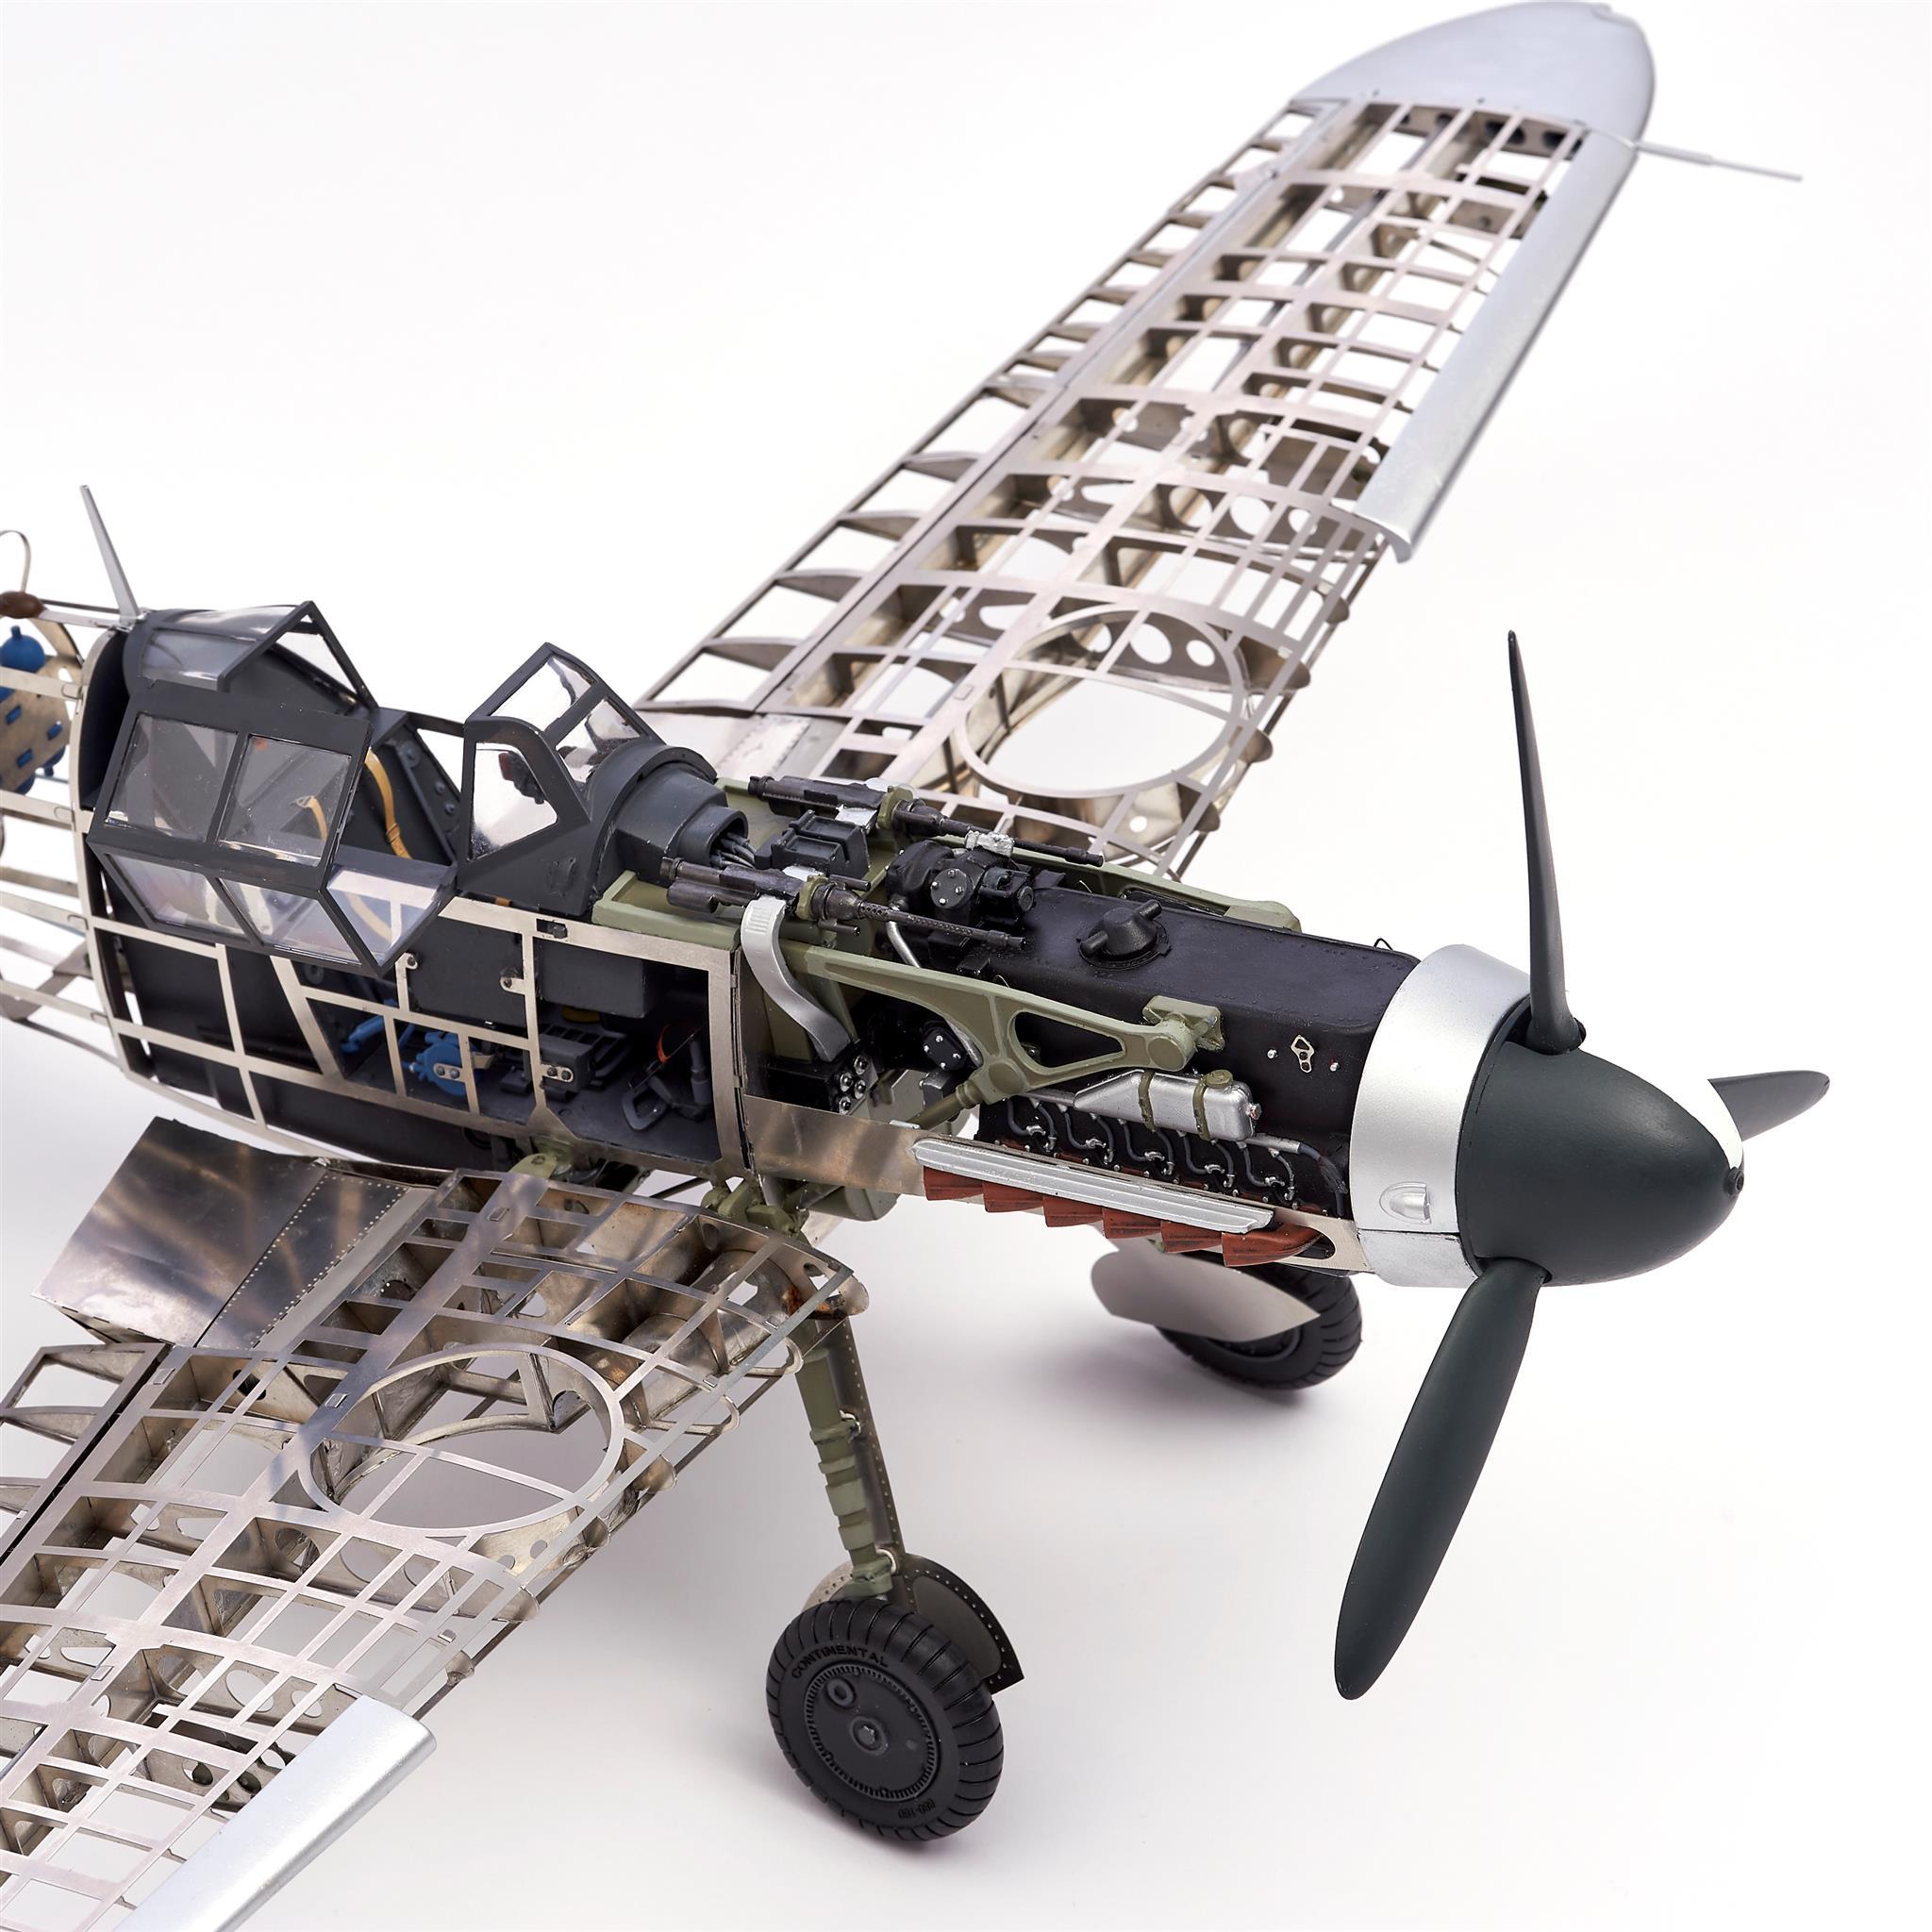 Messerschmitt BF 109G German fighter model 1/16 scale.